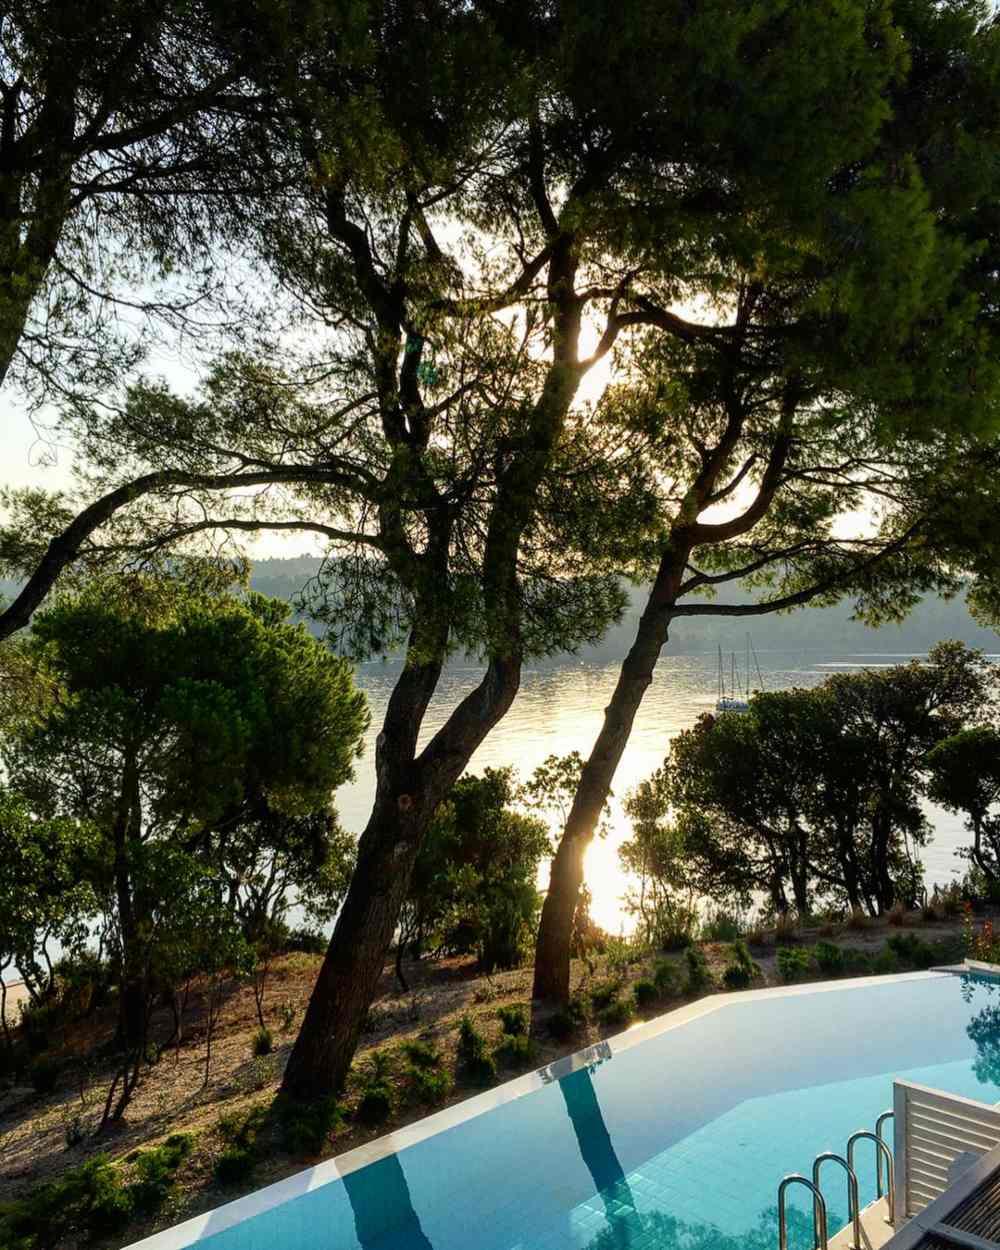 Elivi Skiathos pool & view